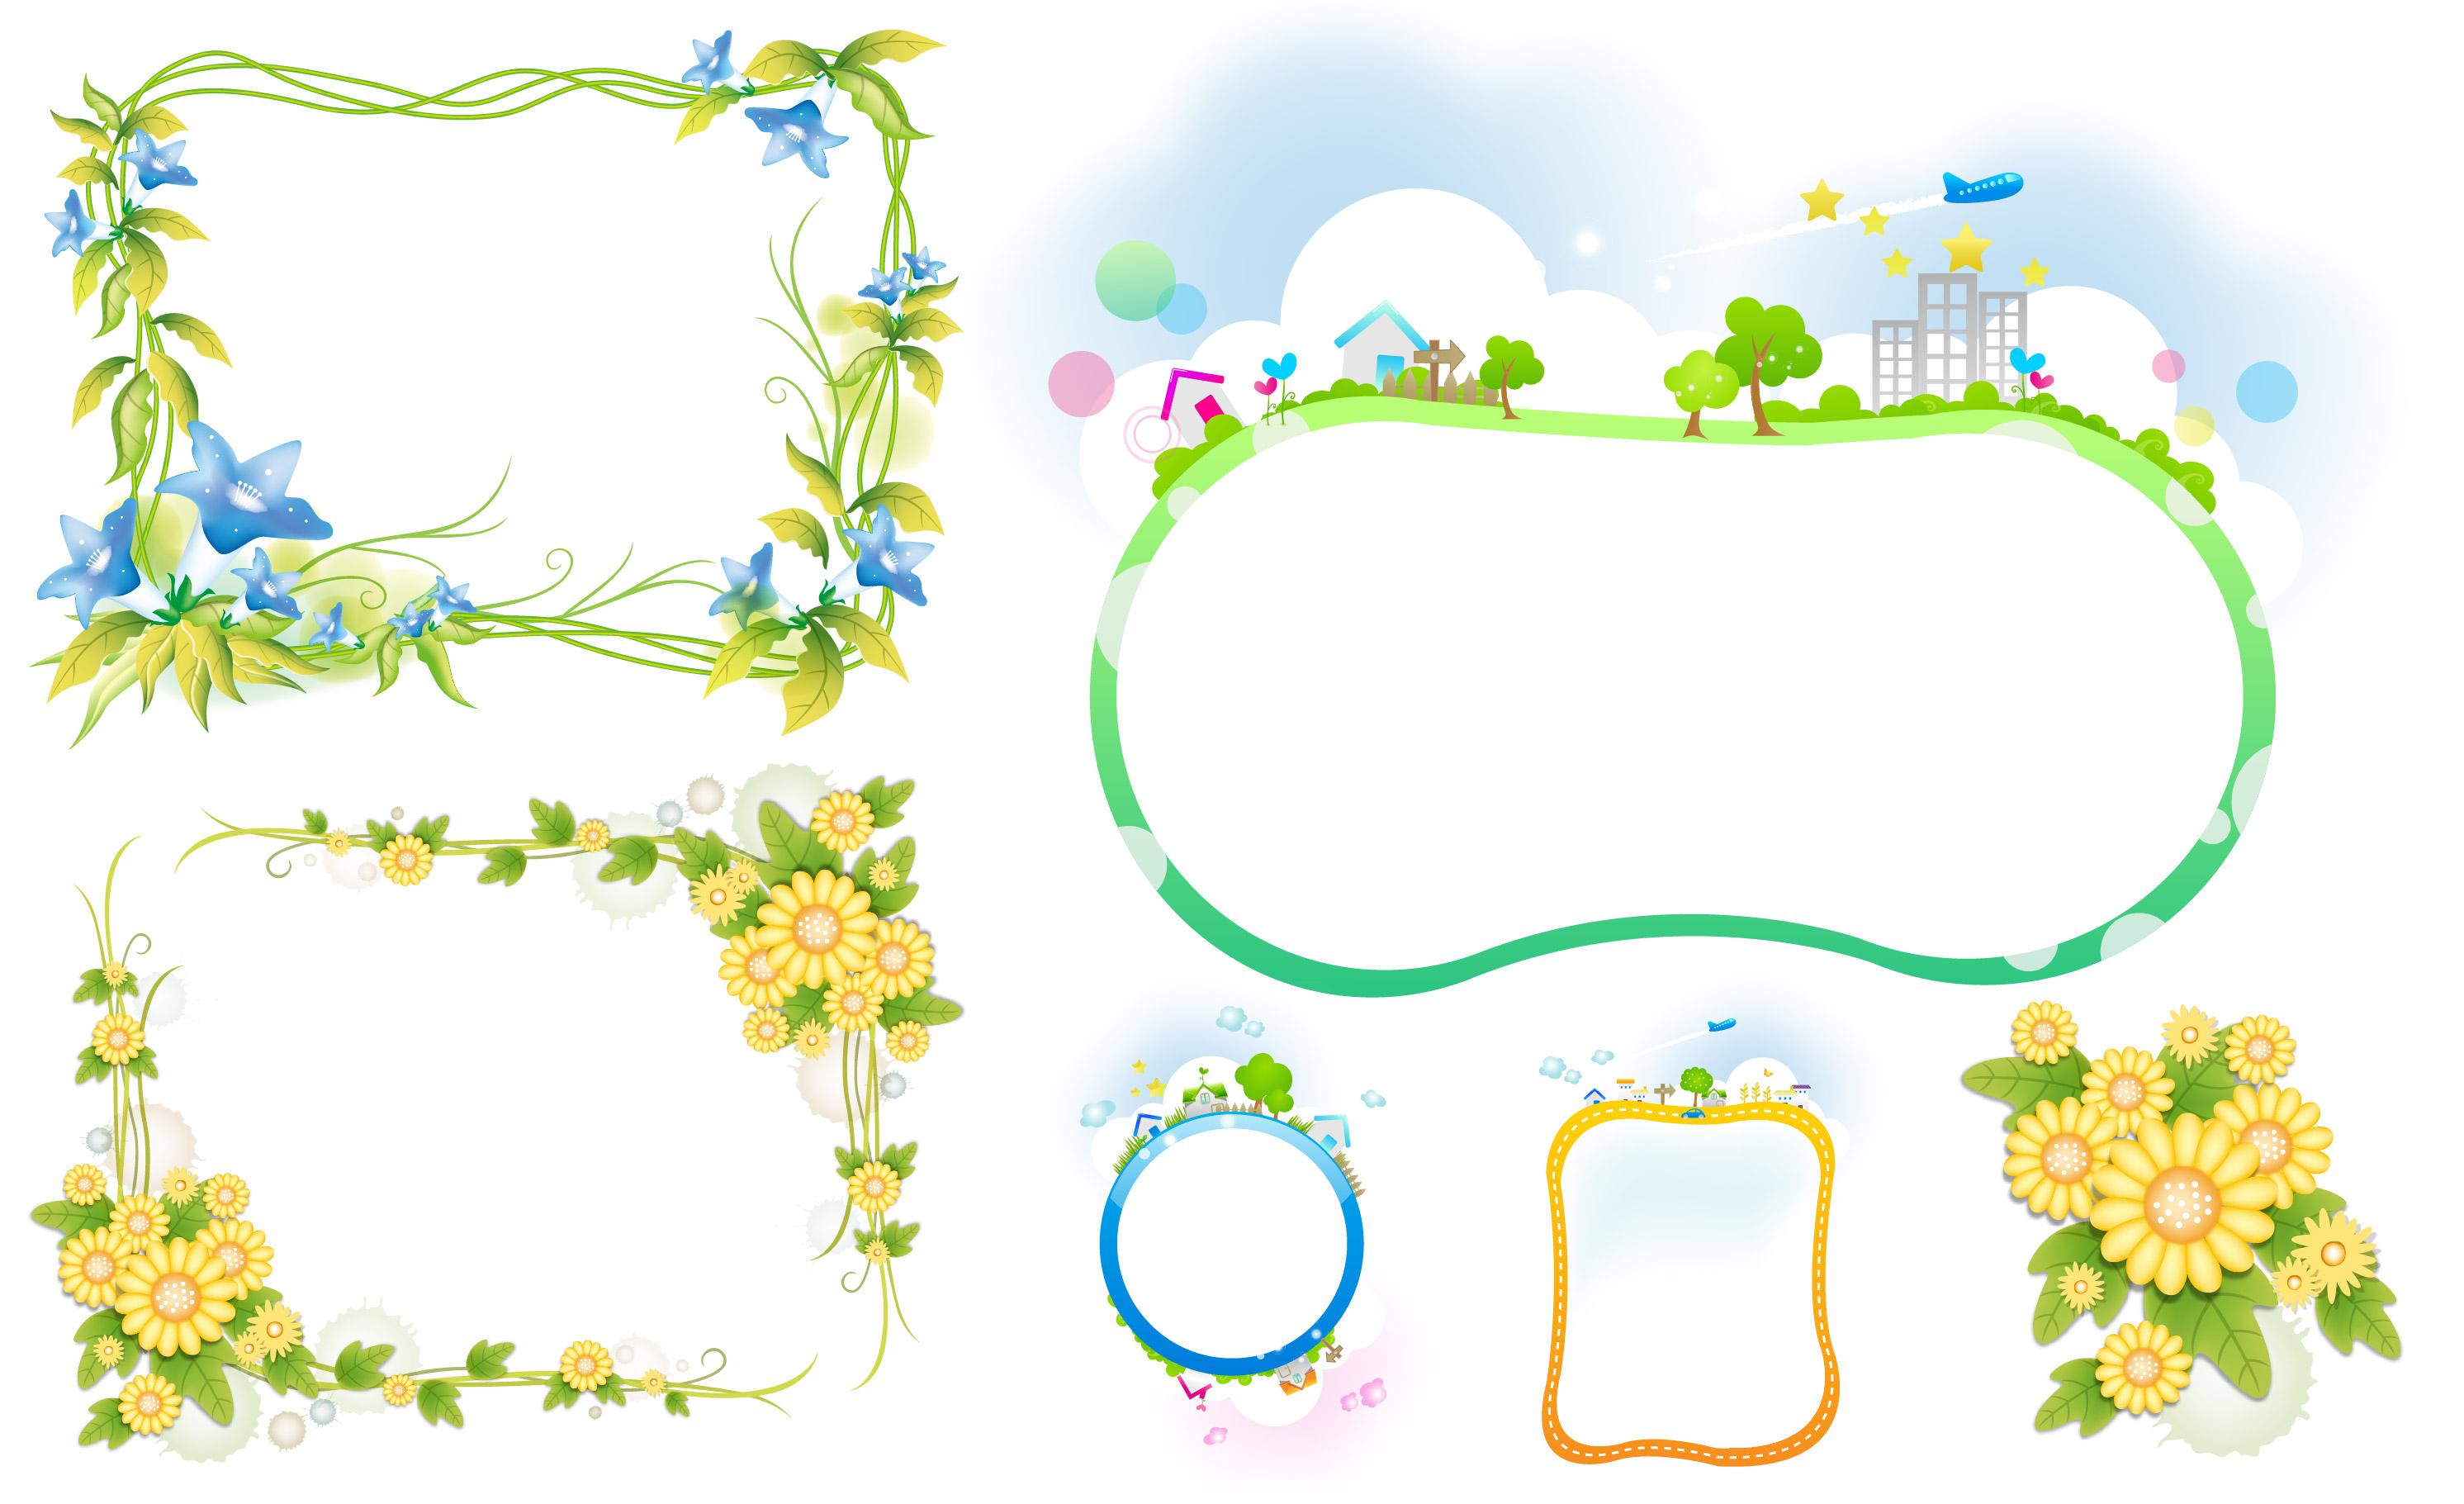 花朵底纹背景边框psd分层素材 大图网设计素材下载